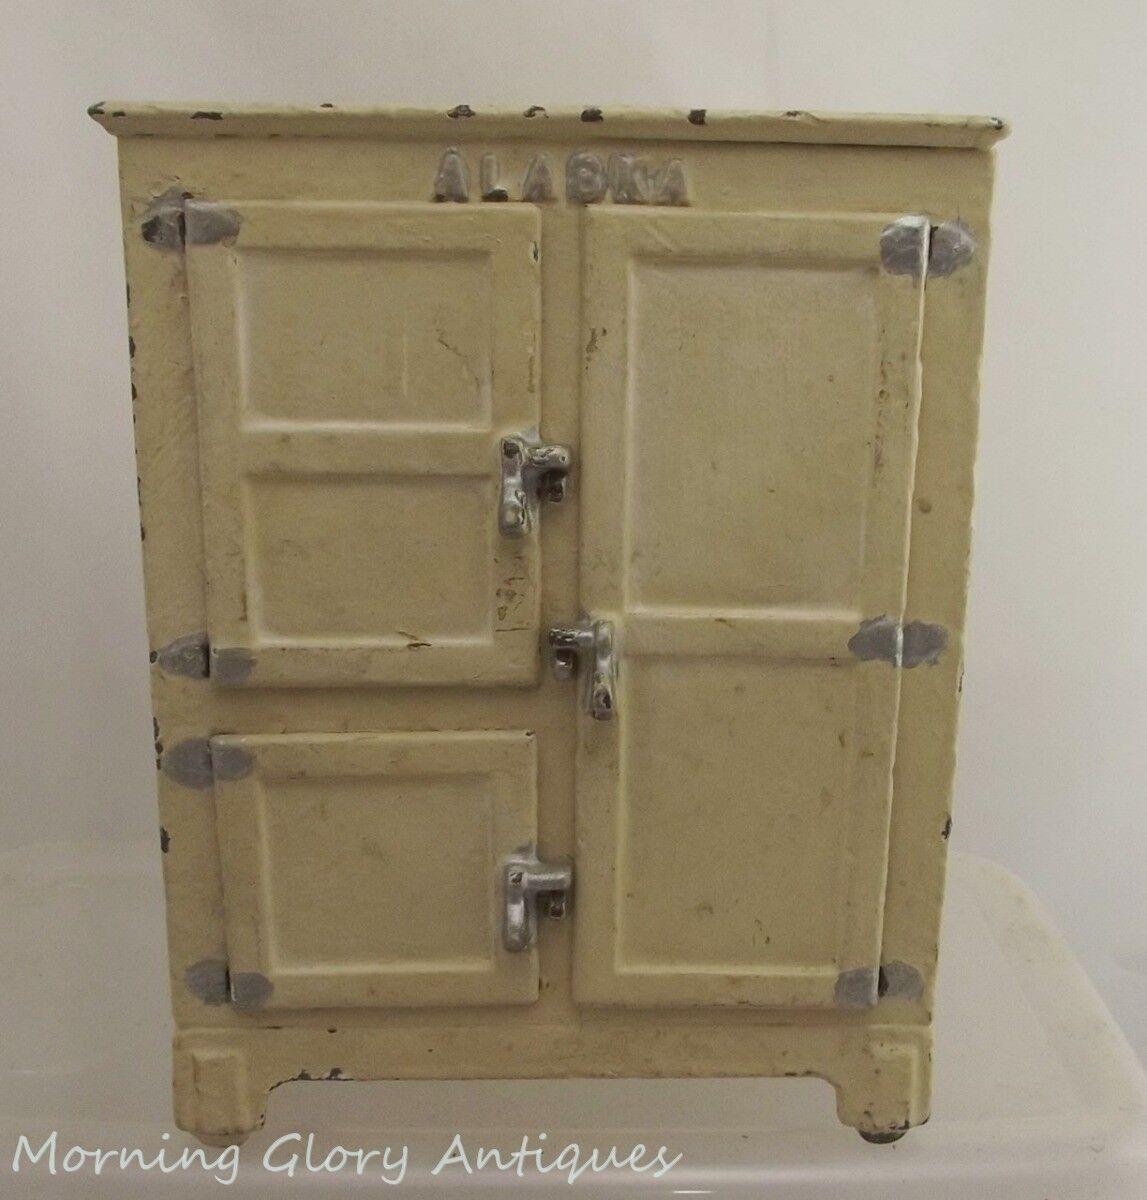 Arcade 7-1 2  alto 4 puertas caja de hielo refrigerador de hierro fundido de Alaska